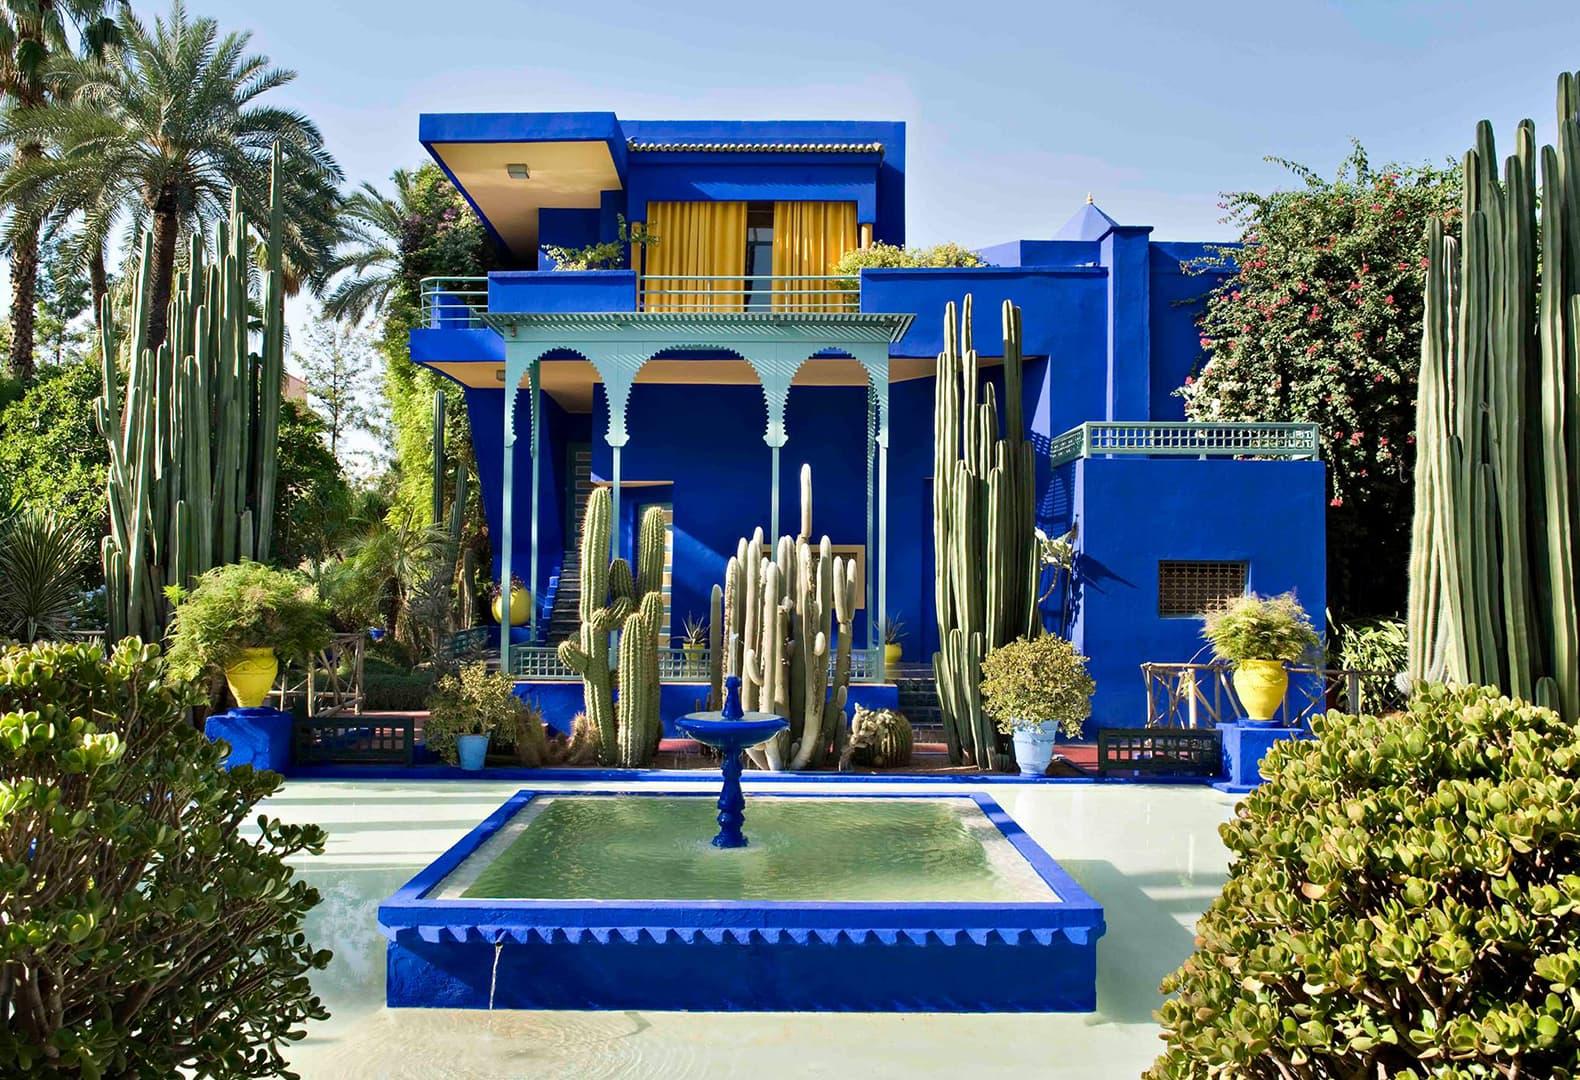 Сад Мажорель в Марракеше (вилла Ив-Сен Лорана), Марокко